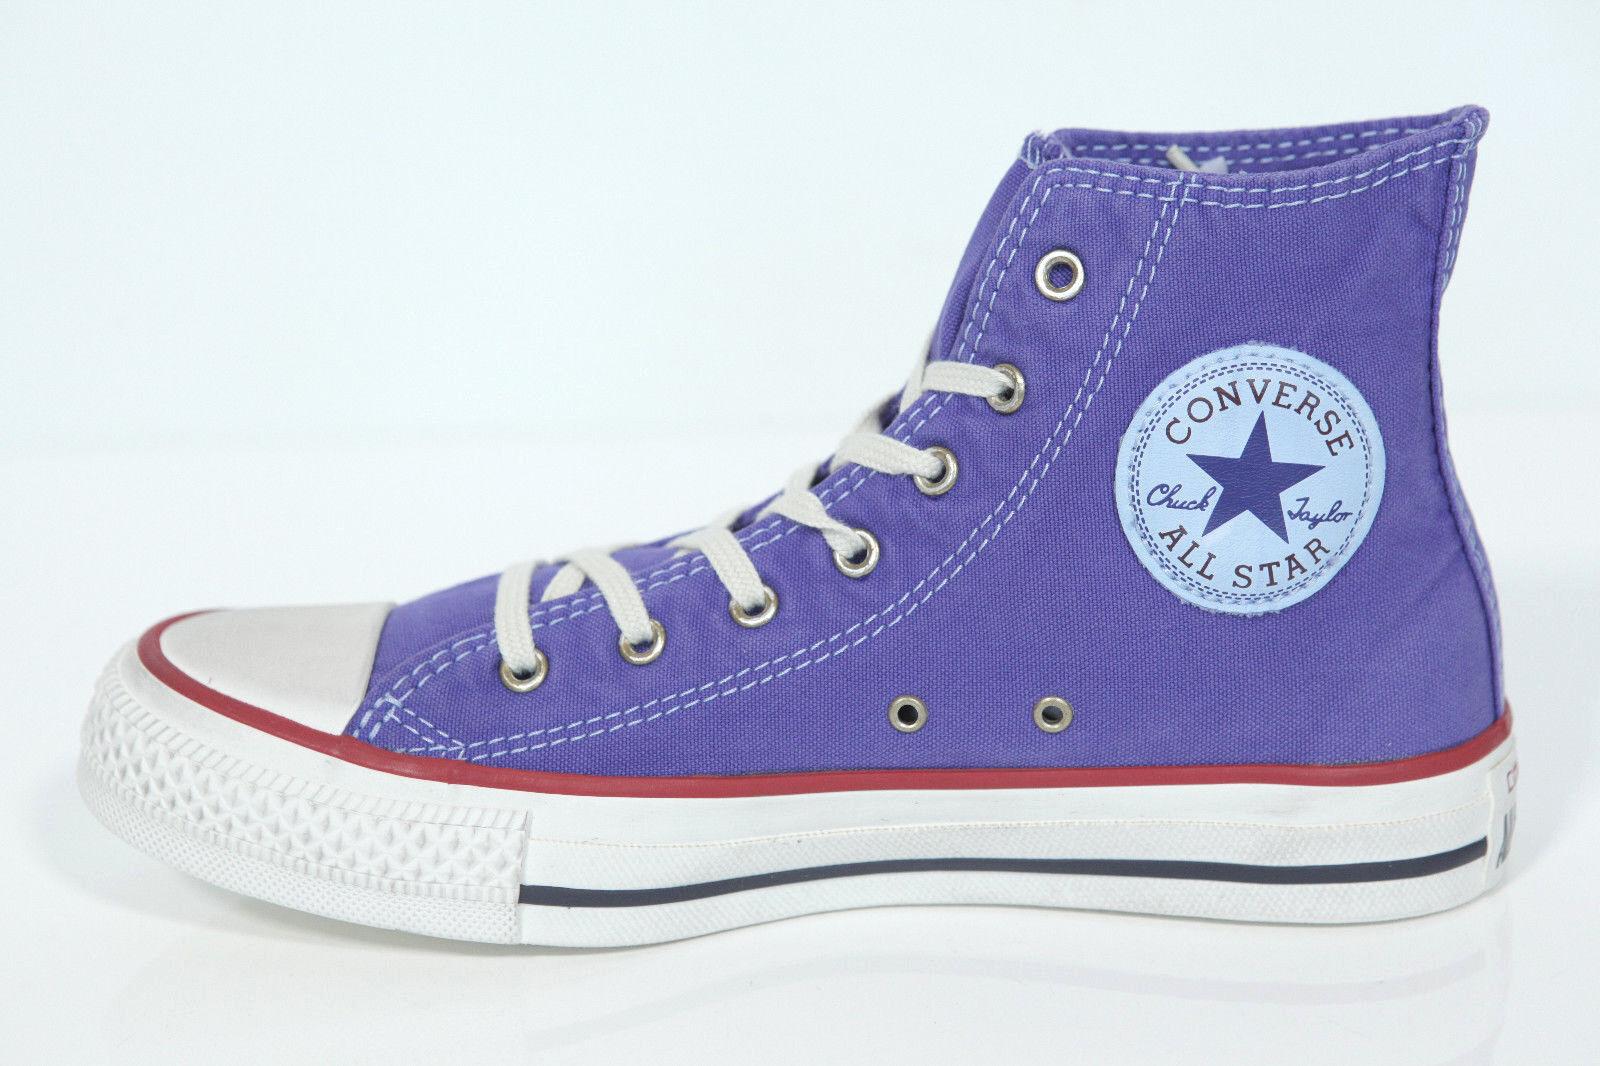 Neu All Star Hi Converse Chucks Hi Star Washed Nightshade 142629c Sneaker 2eeef4